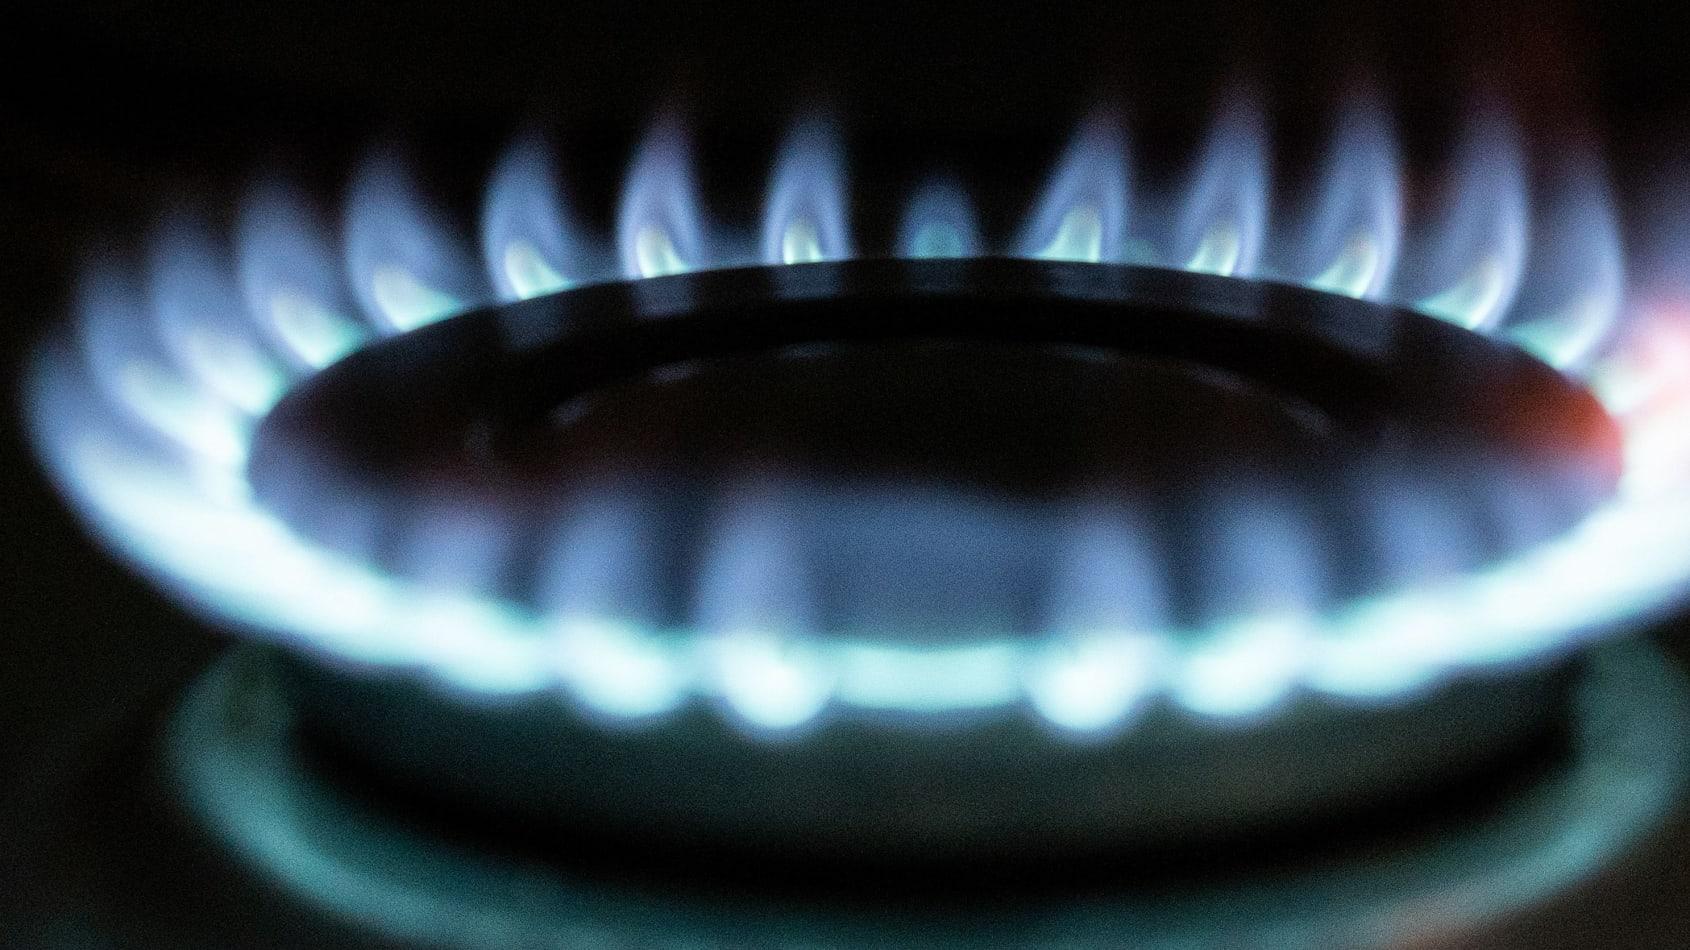 天然氣價格飆漲 英國能源市場恐面臨「大屠殺」